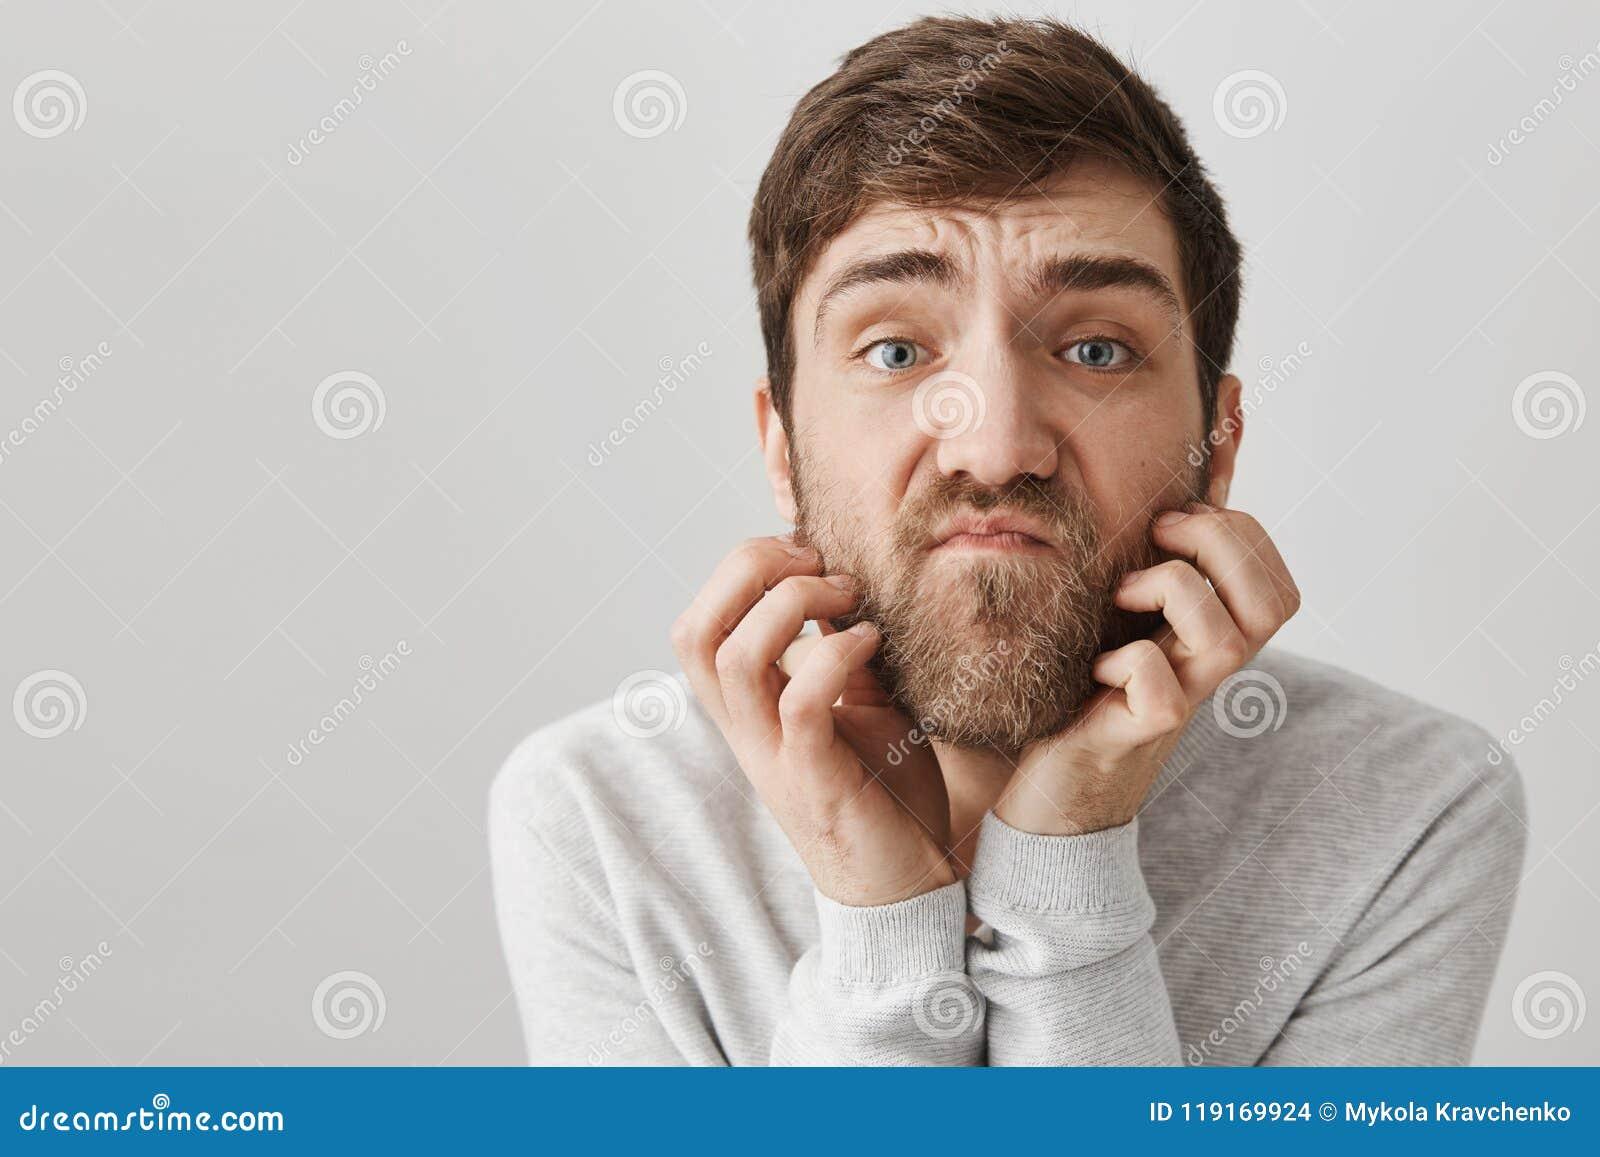 Retrato del primer del hombre adulto sin afeitar torpe que rasguña la barba mientras que mira con mirada insatisfecha la cámara c